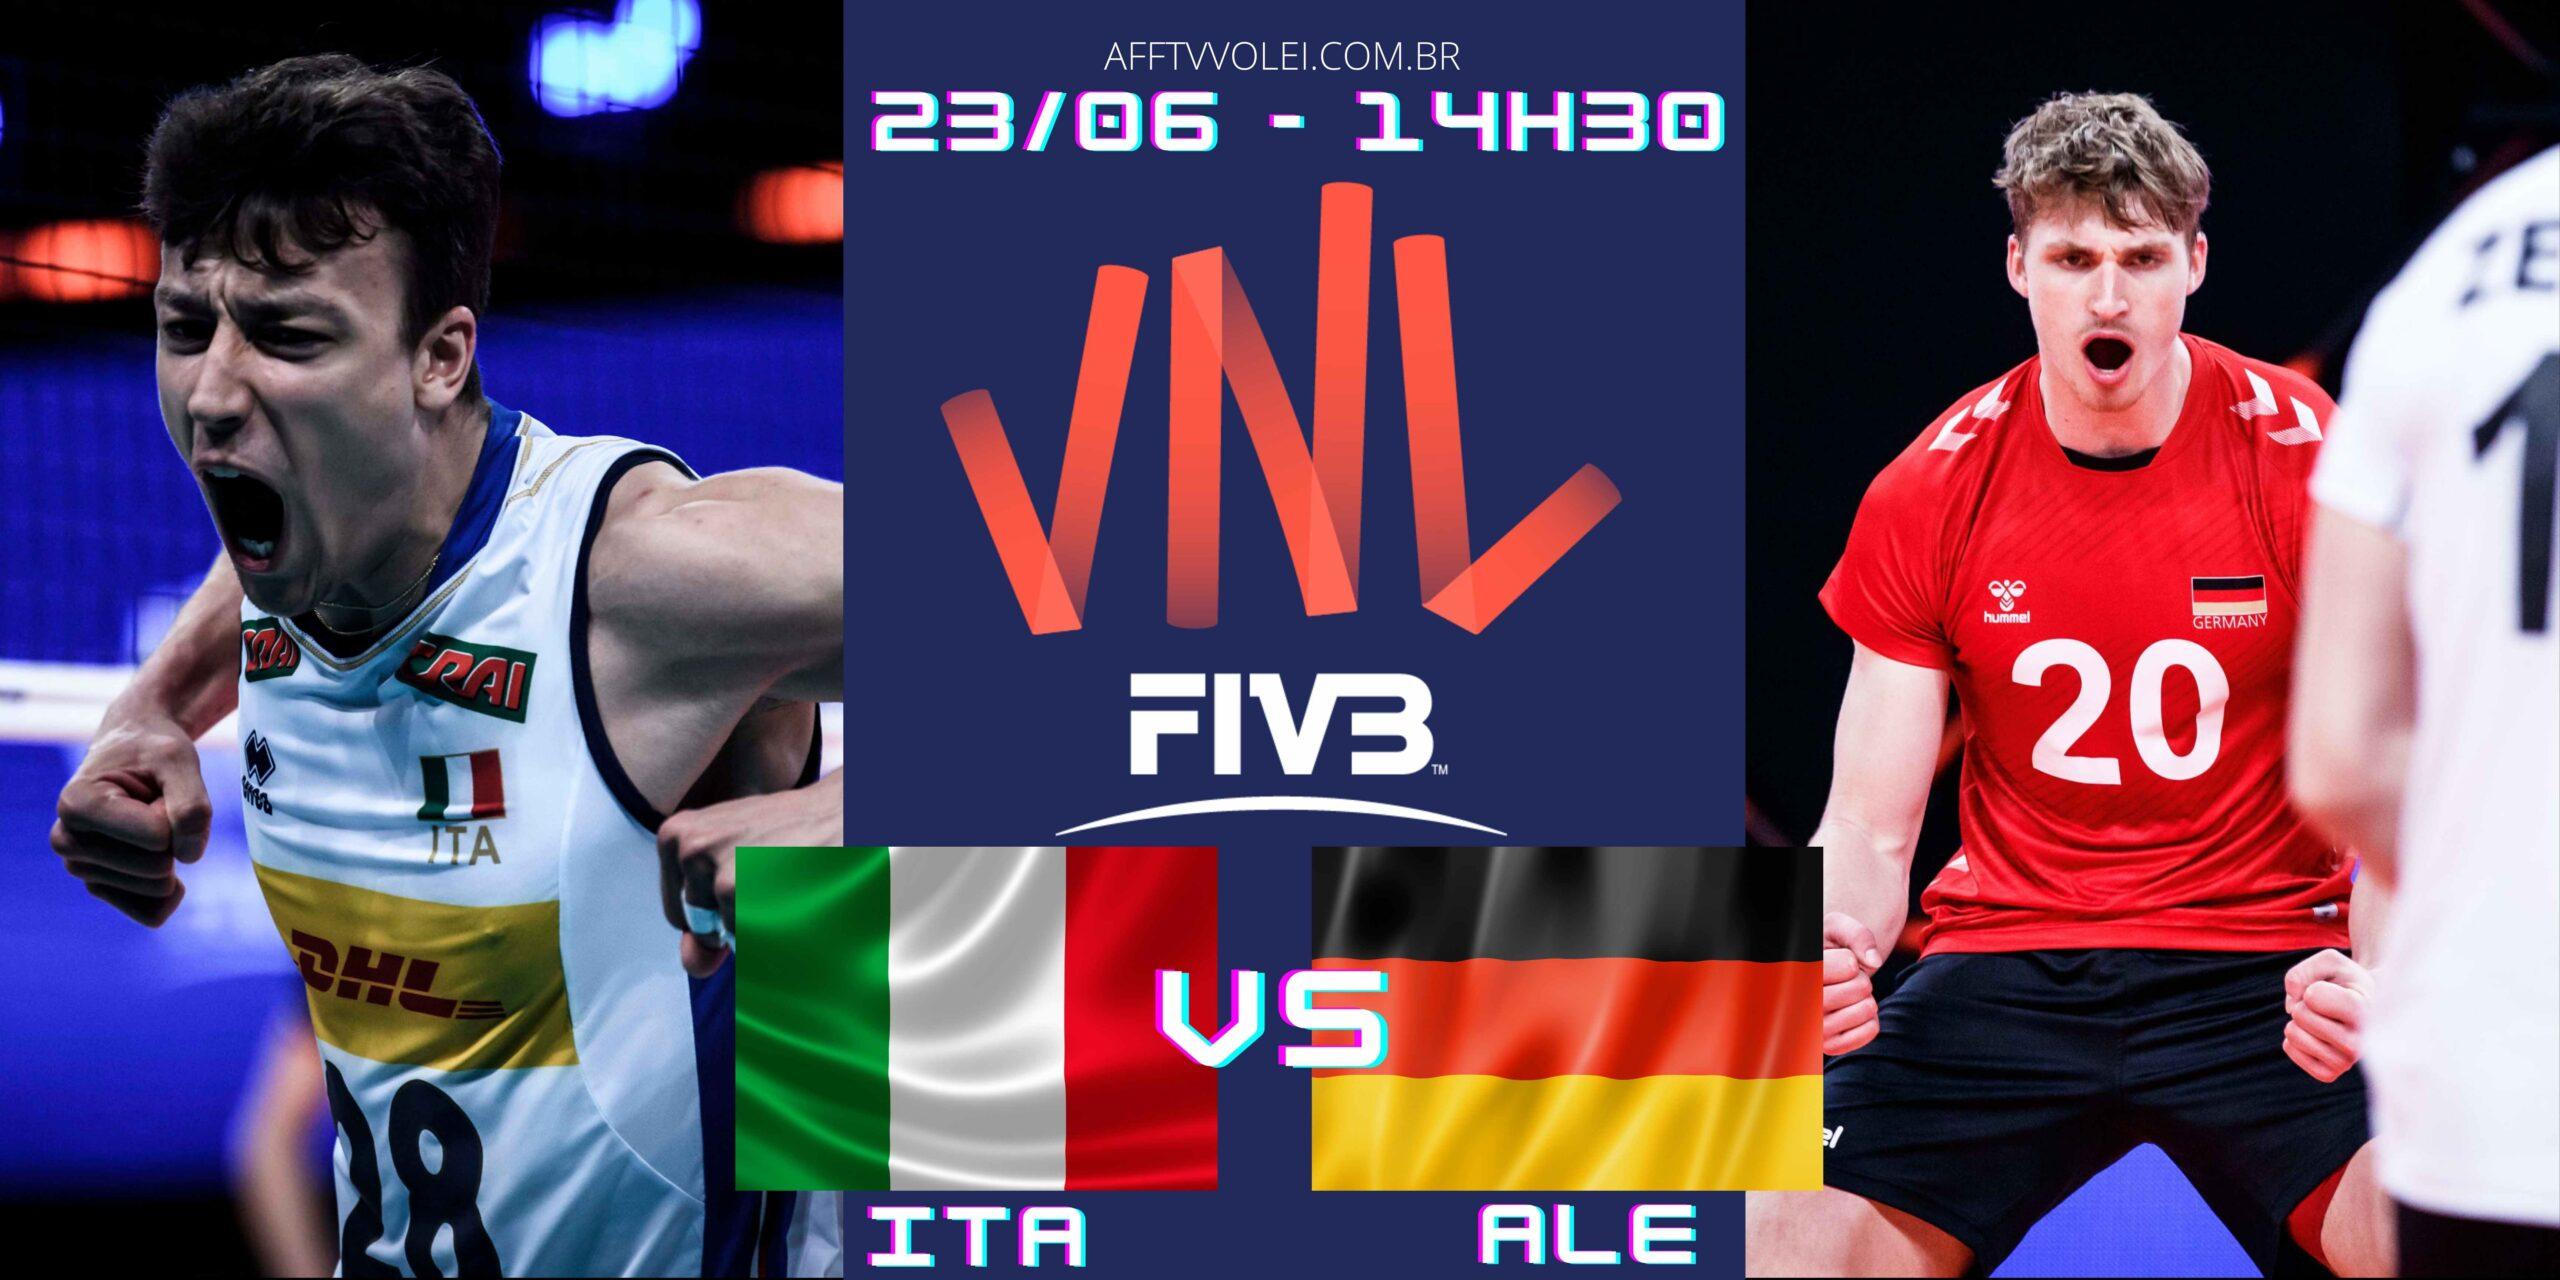 Itália 3 vs 2 Alemanha – Liga das Nações – 23/06/2021